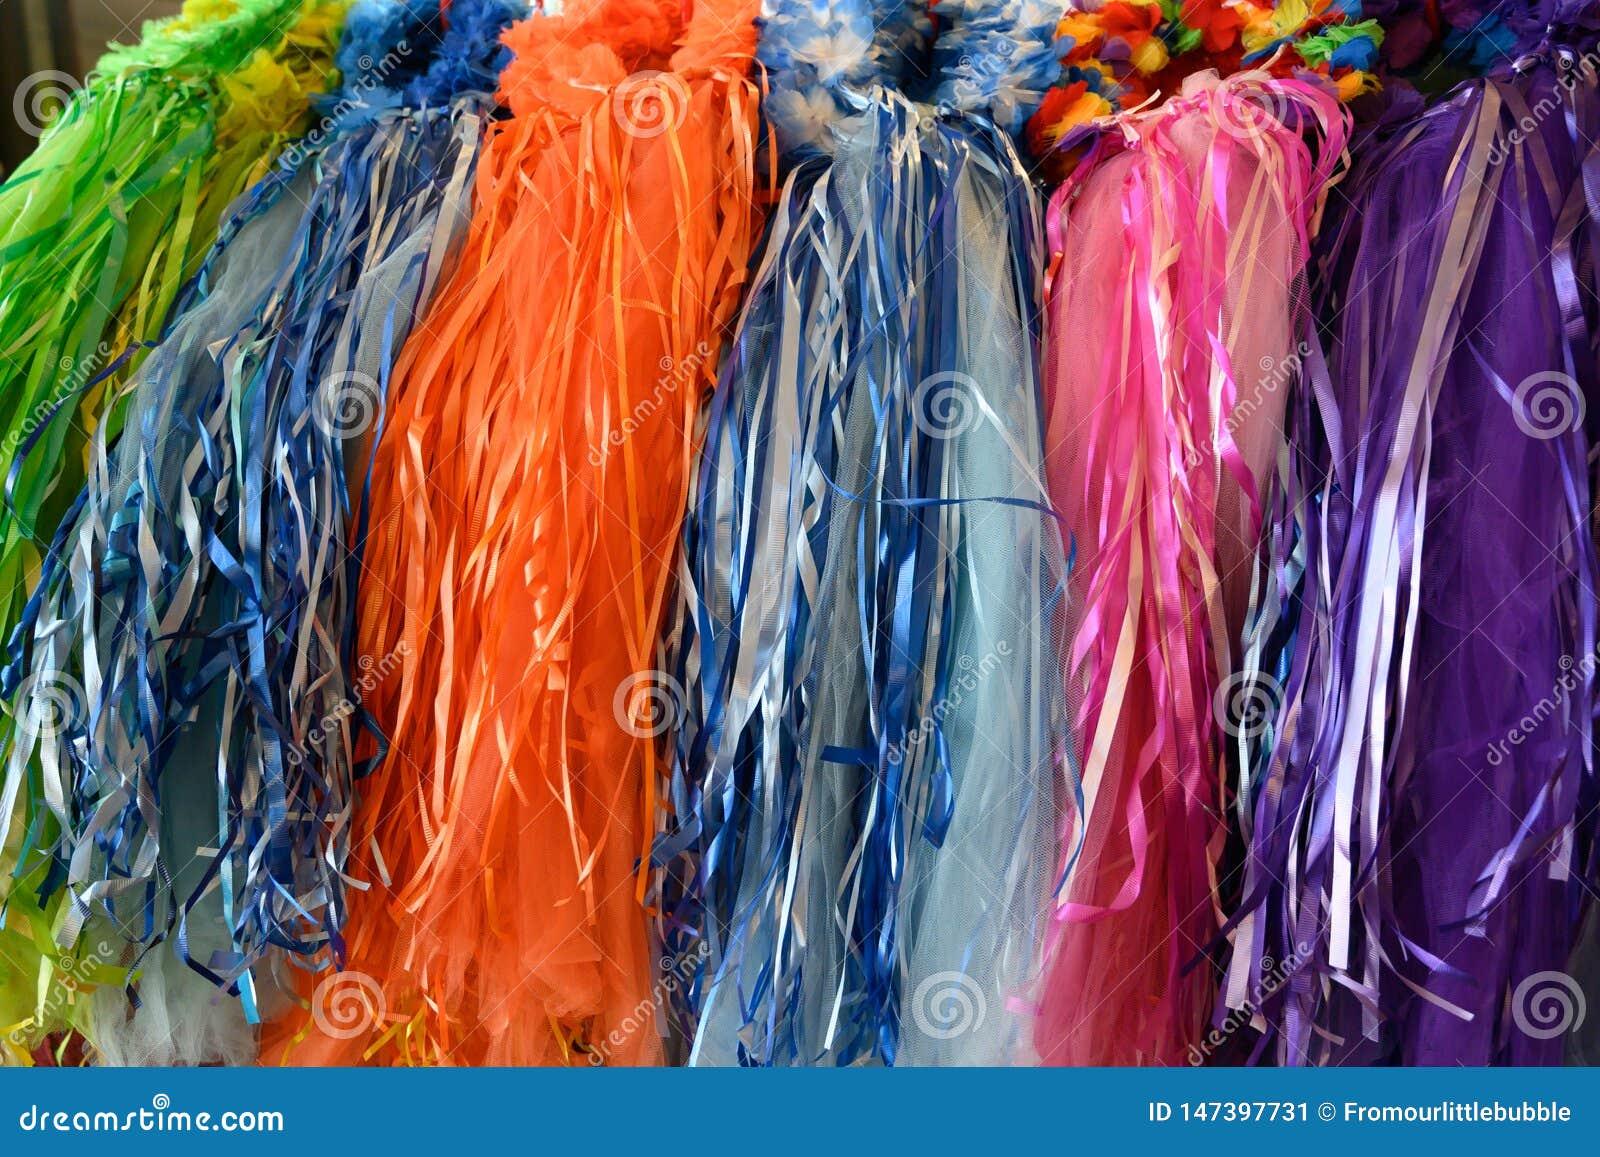 Robes principales colorées sur l affichage